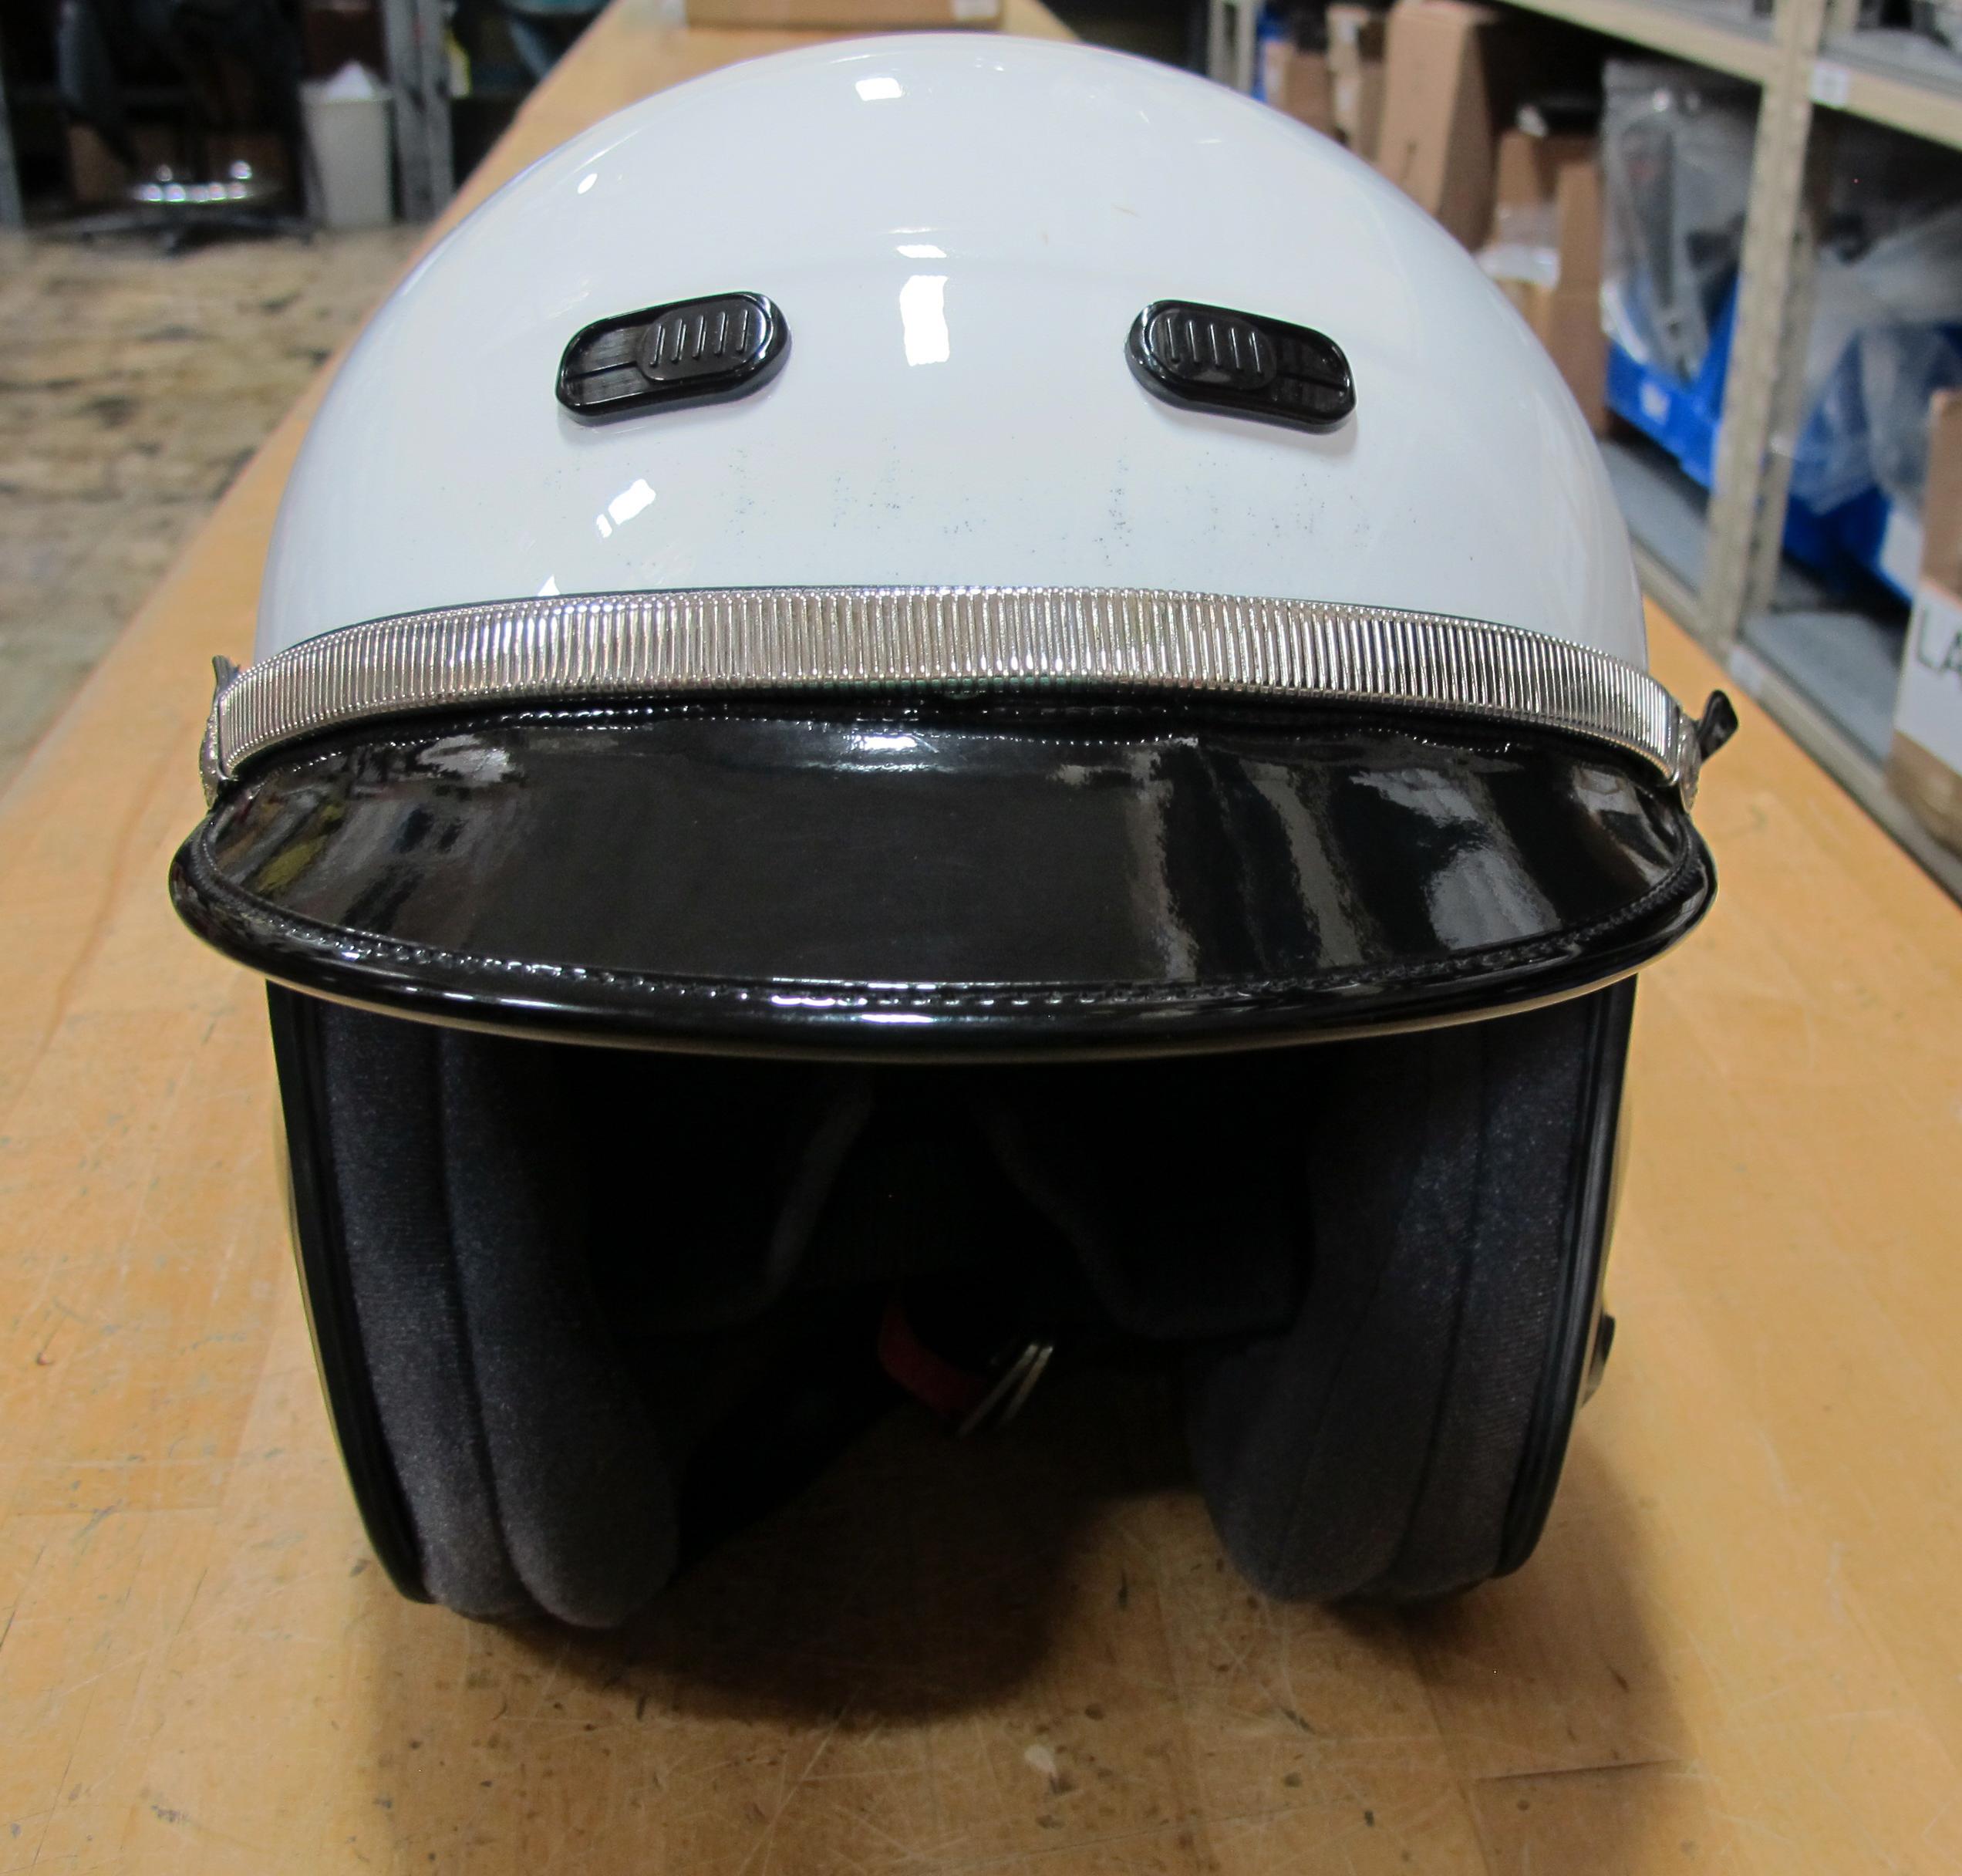 Shoei RJ Platinum LE Open Face Police Helmet BlackWhite  : img0861 <strong>Shark</strong> Police Helmet from www.ebay.com size 2544 x 2432 jpeg 2517kB